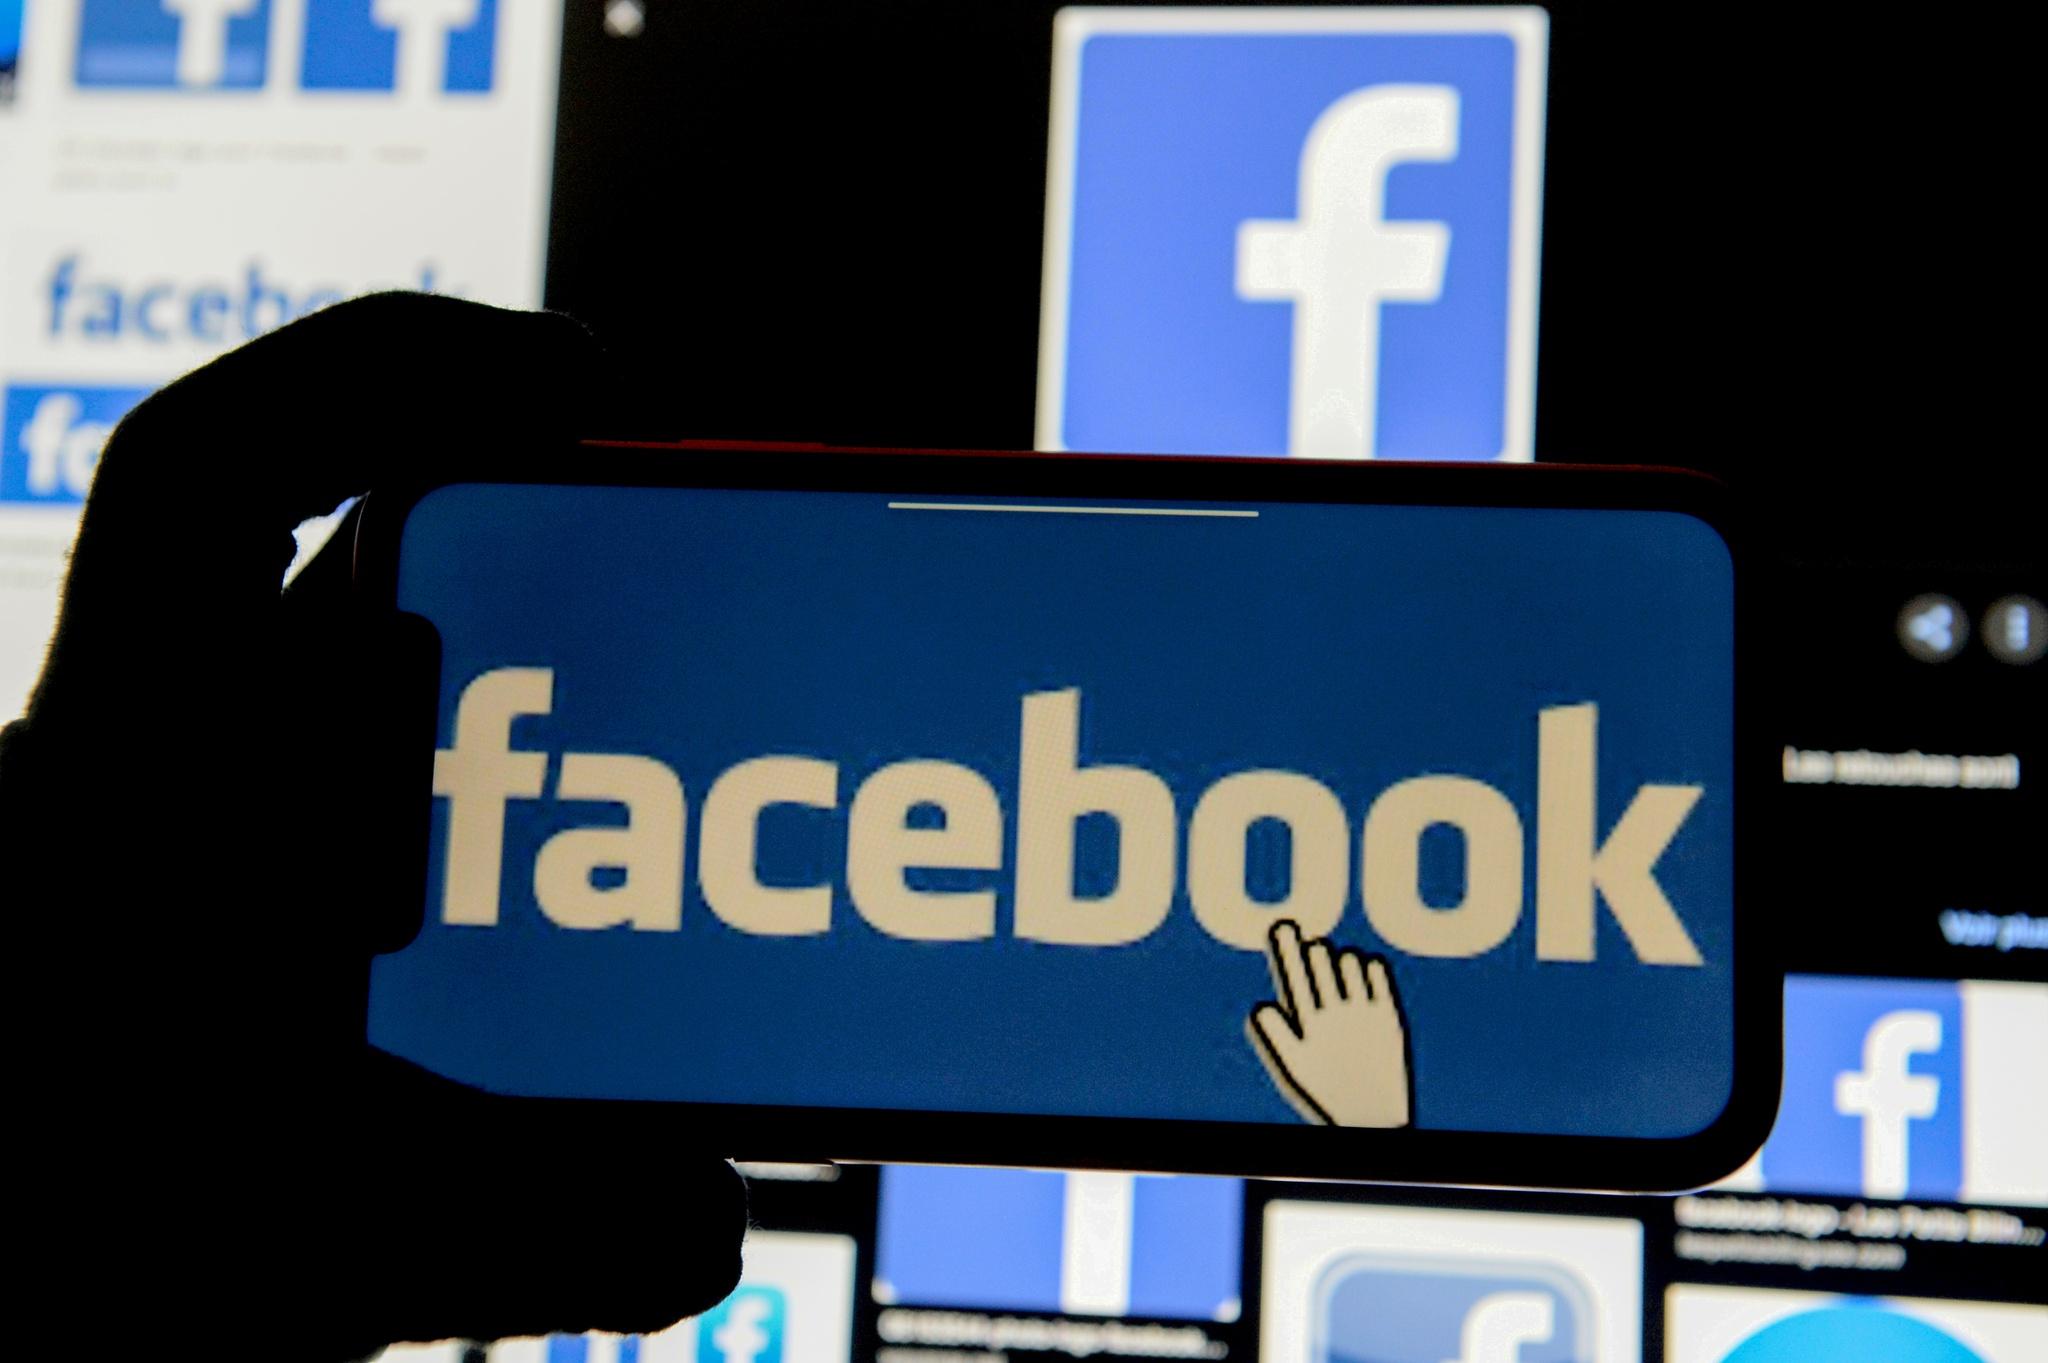 Facebook nói gì khi gỡ lệnh cấm thông tin Covid-19 rò rỉ từ phòng thí nghiệm?